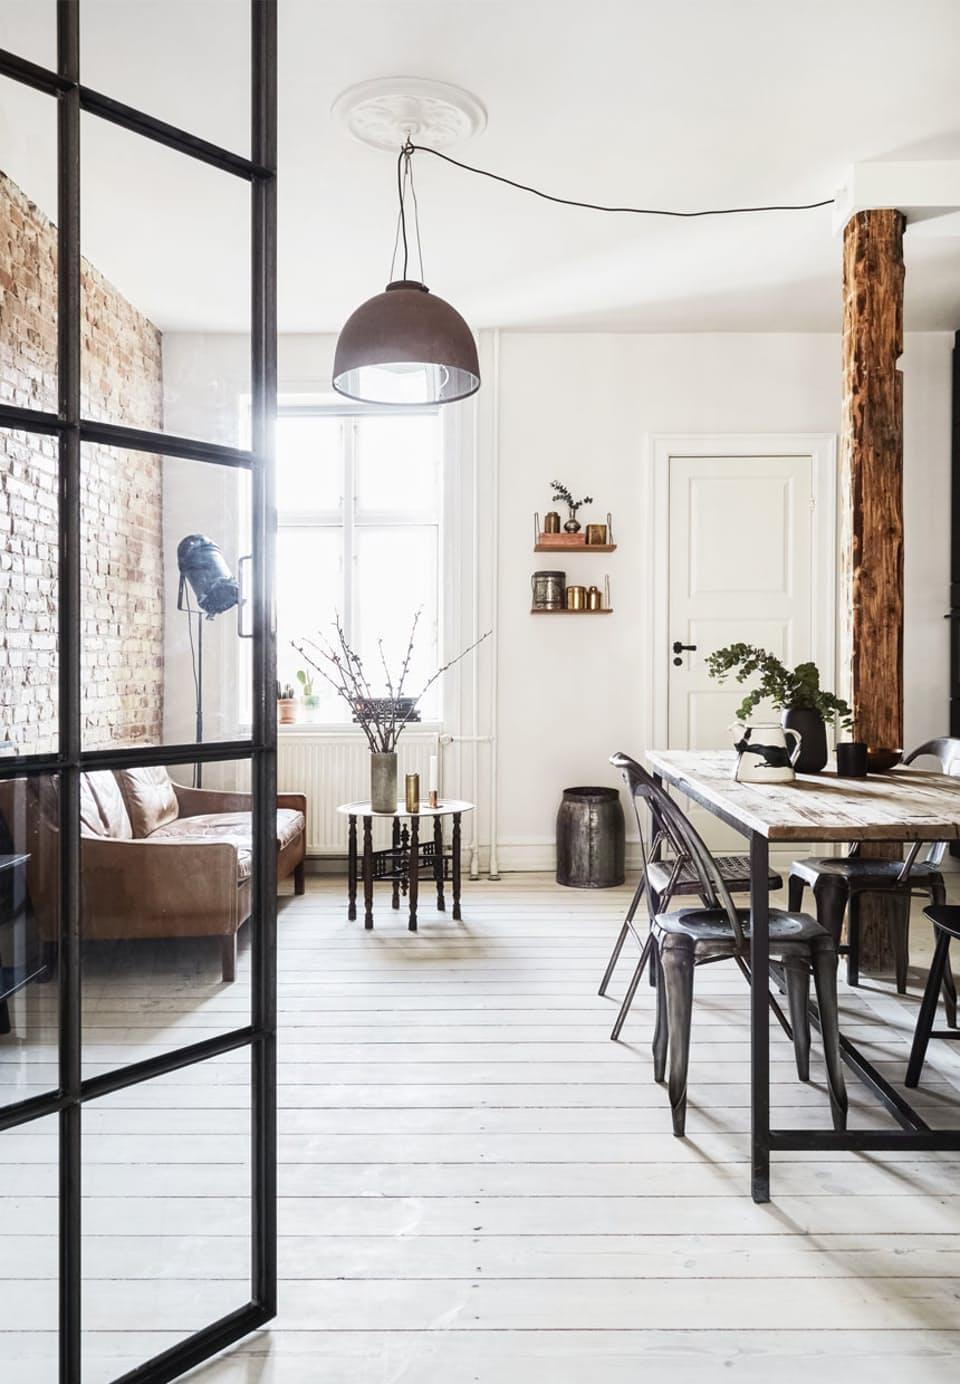 Sofia heeft de perfecte industriële woonkamer ingericht, met een bakstenen muur, cognac leren bank, industriële eettafel en stoere hanglamp. Klik hier voor de hele binnenkijker.